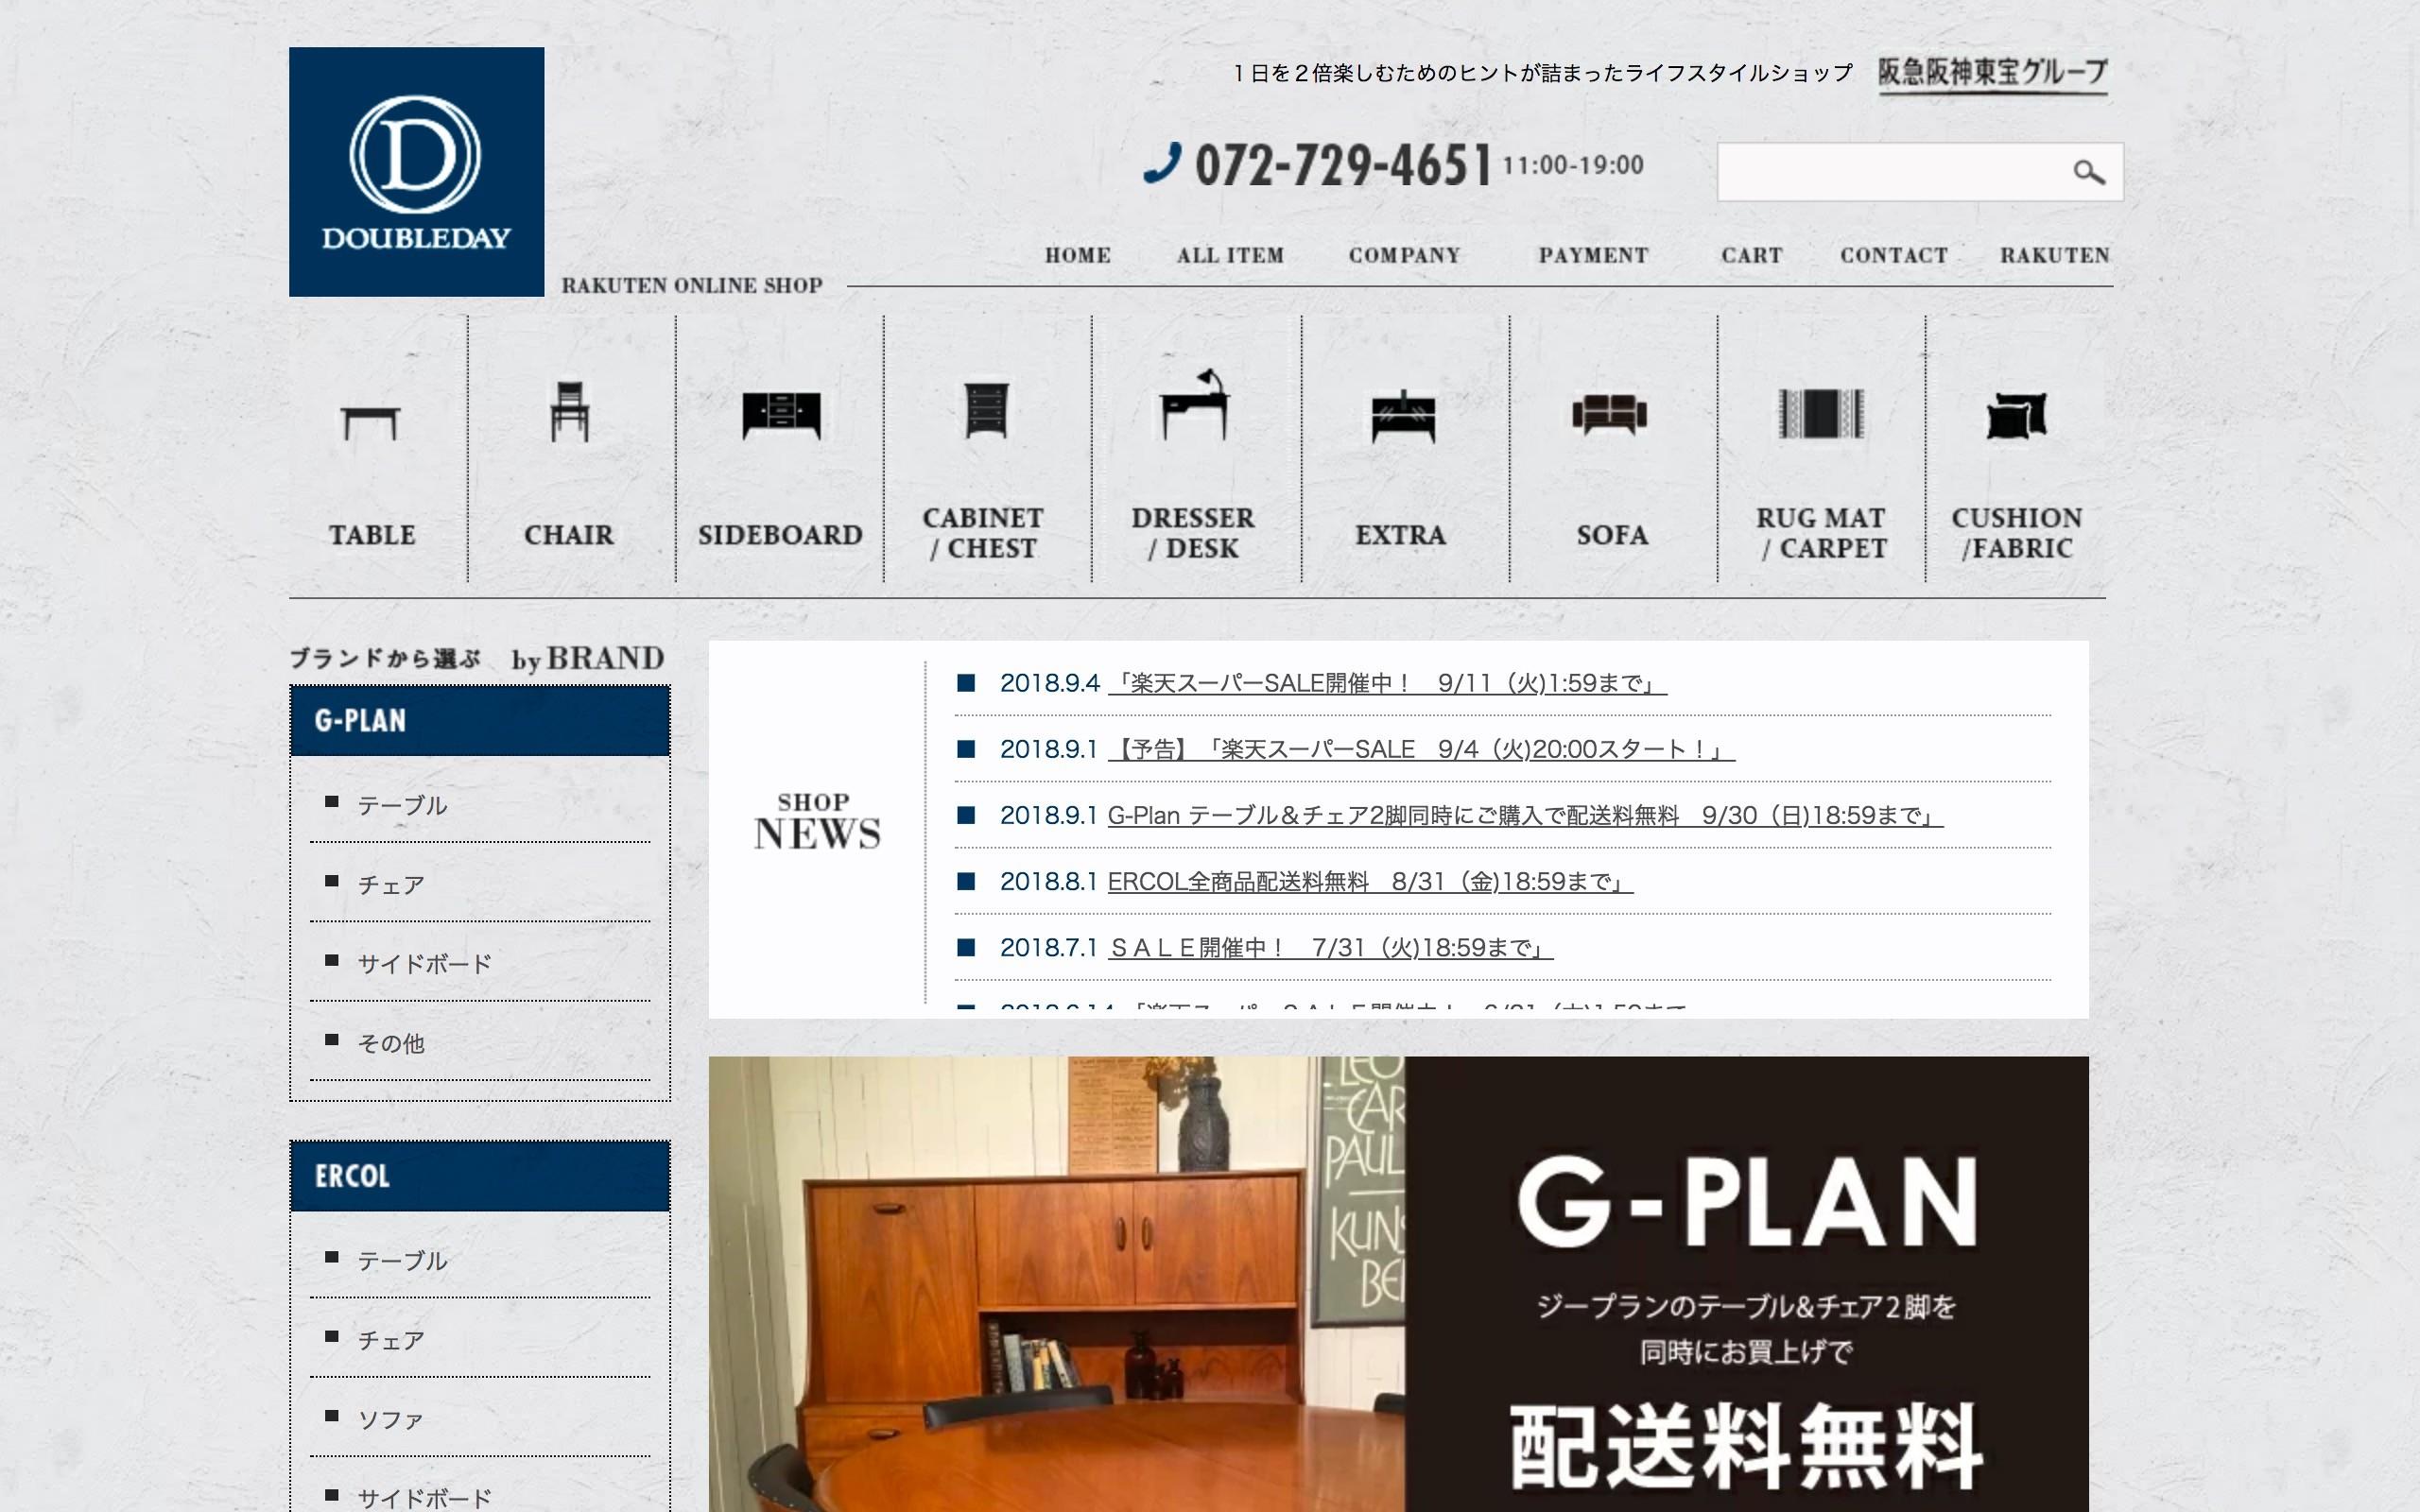 株式会社アライバルクオリティーの実績 - ダブルデイ 楽天サイト